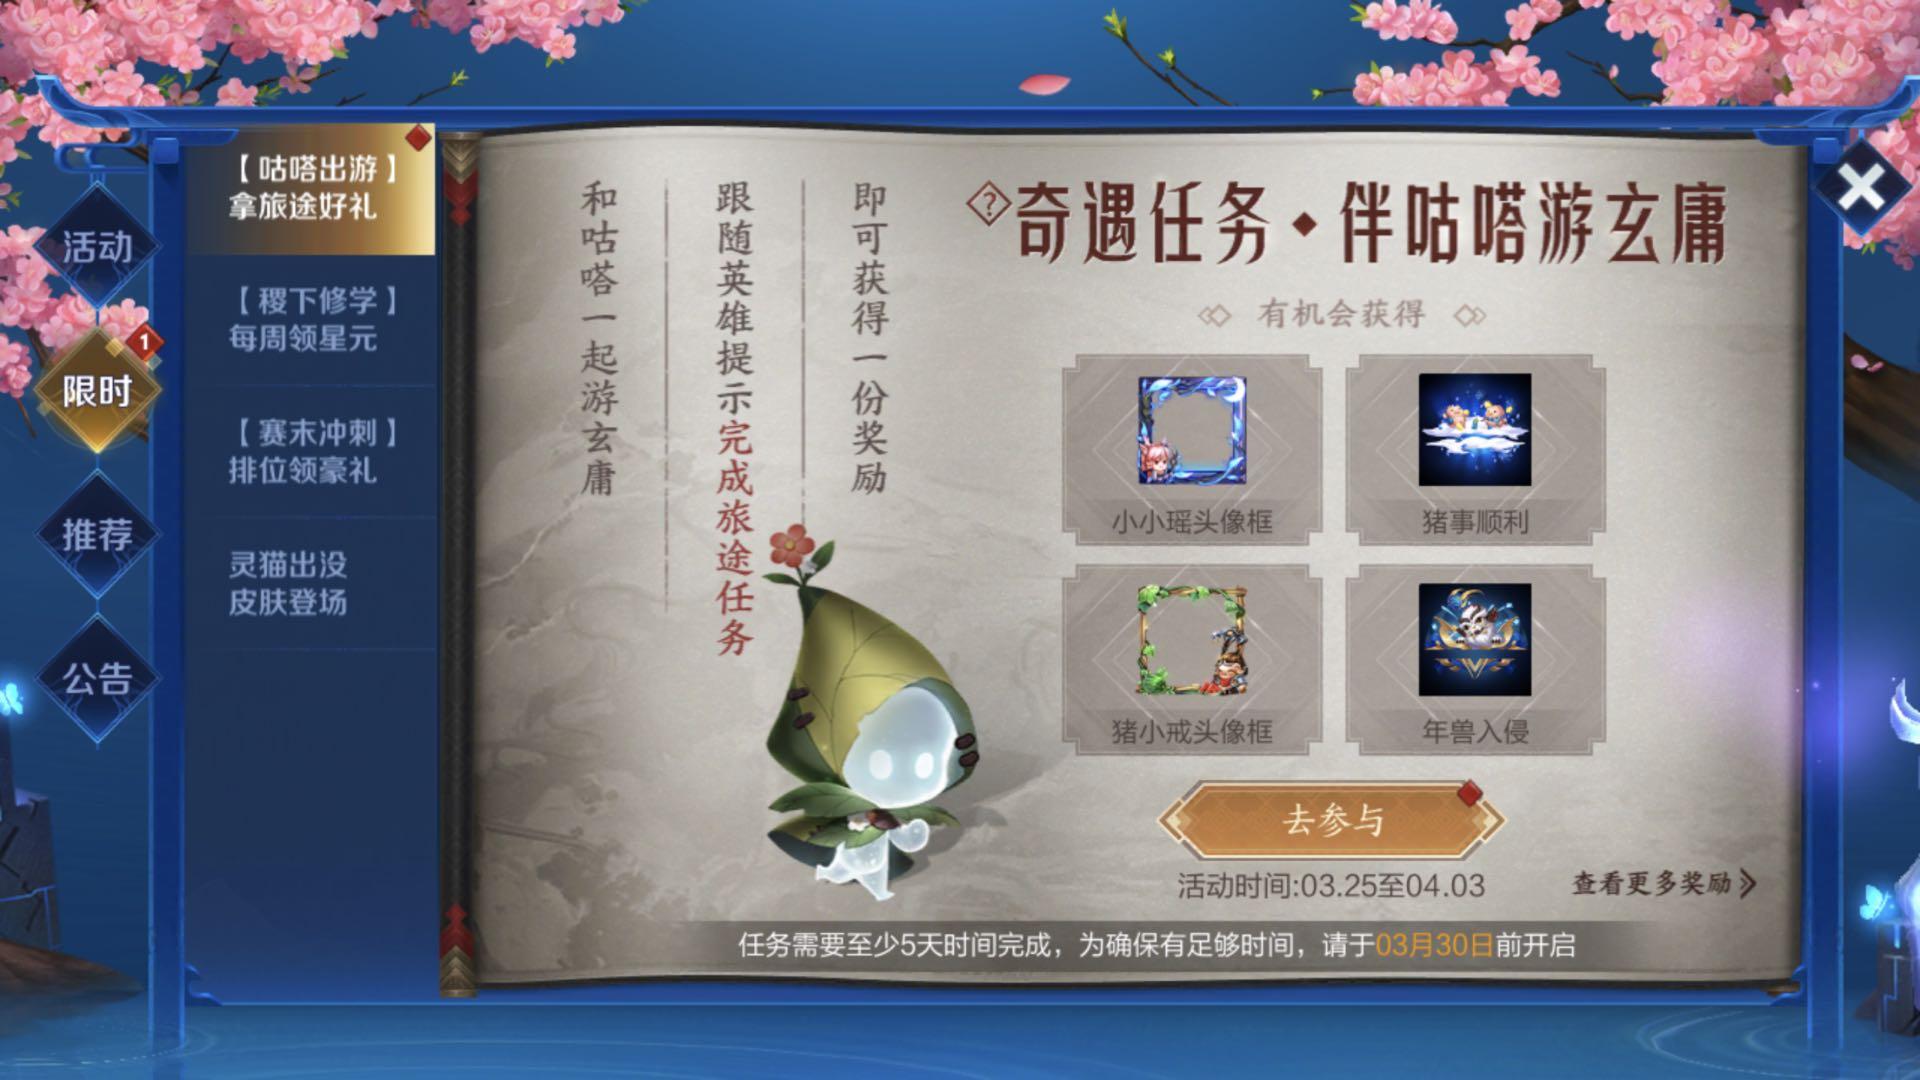 王者荣耀:奇遇任务开启,随机获得头像框奖励